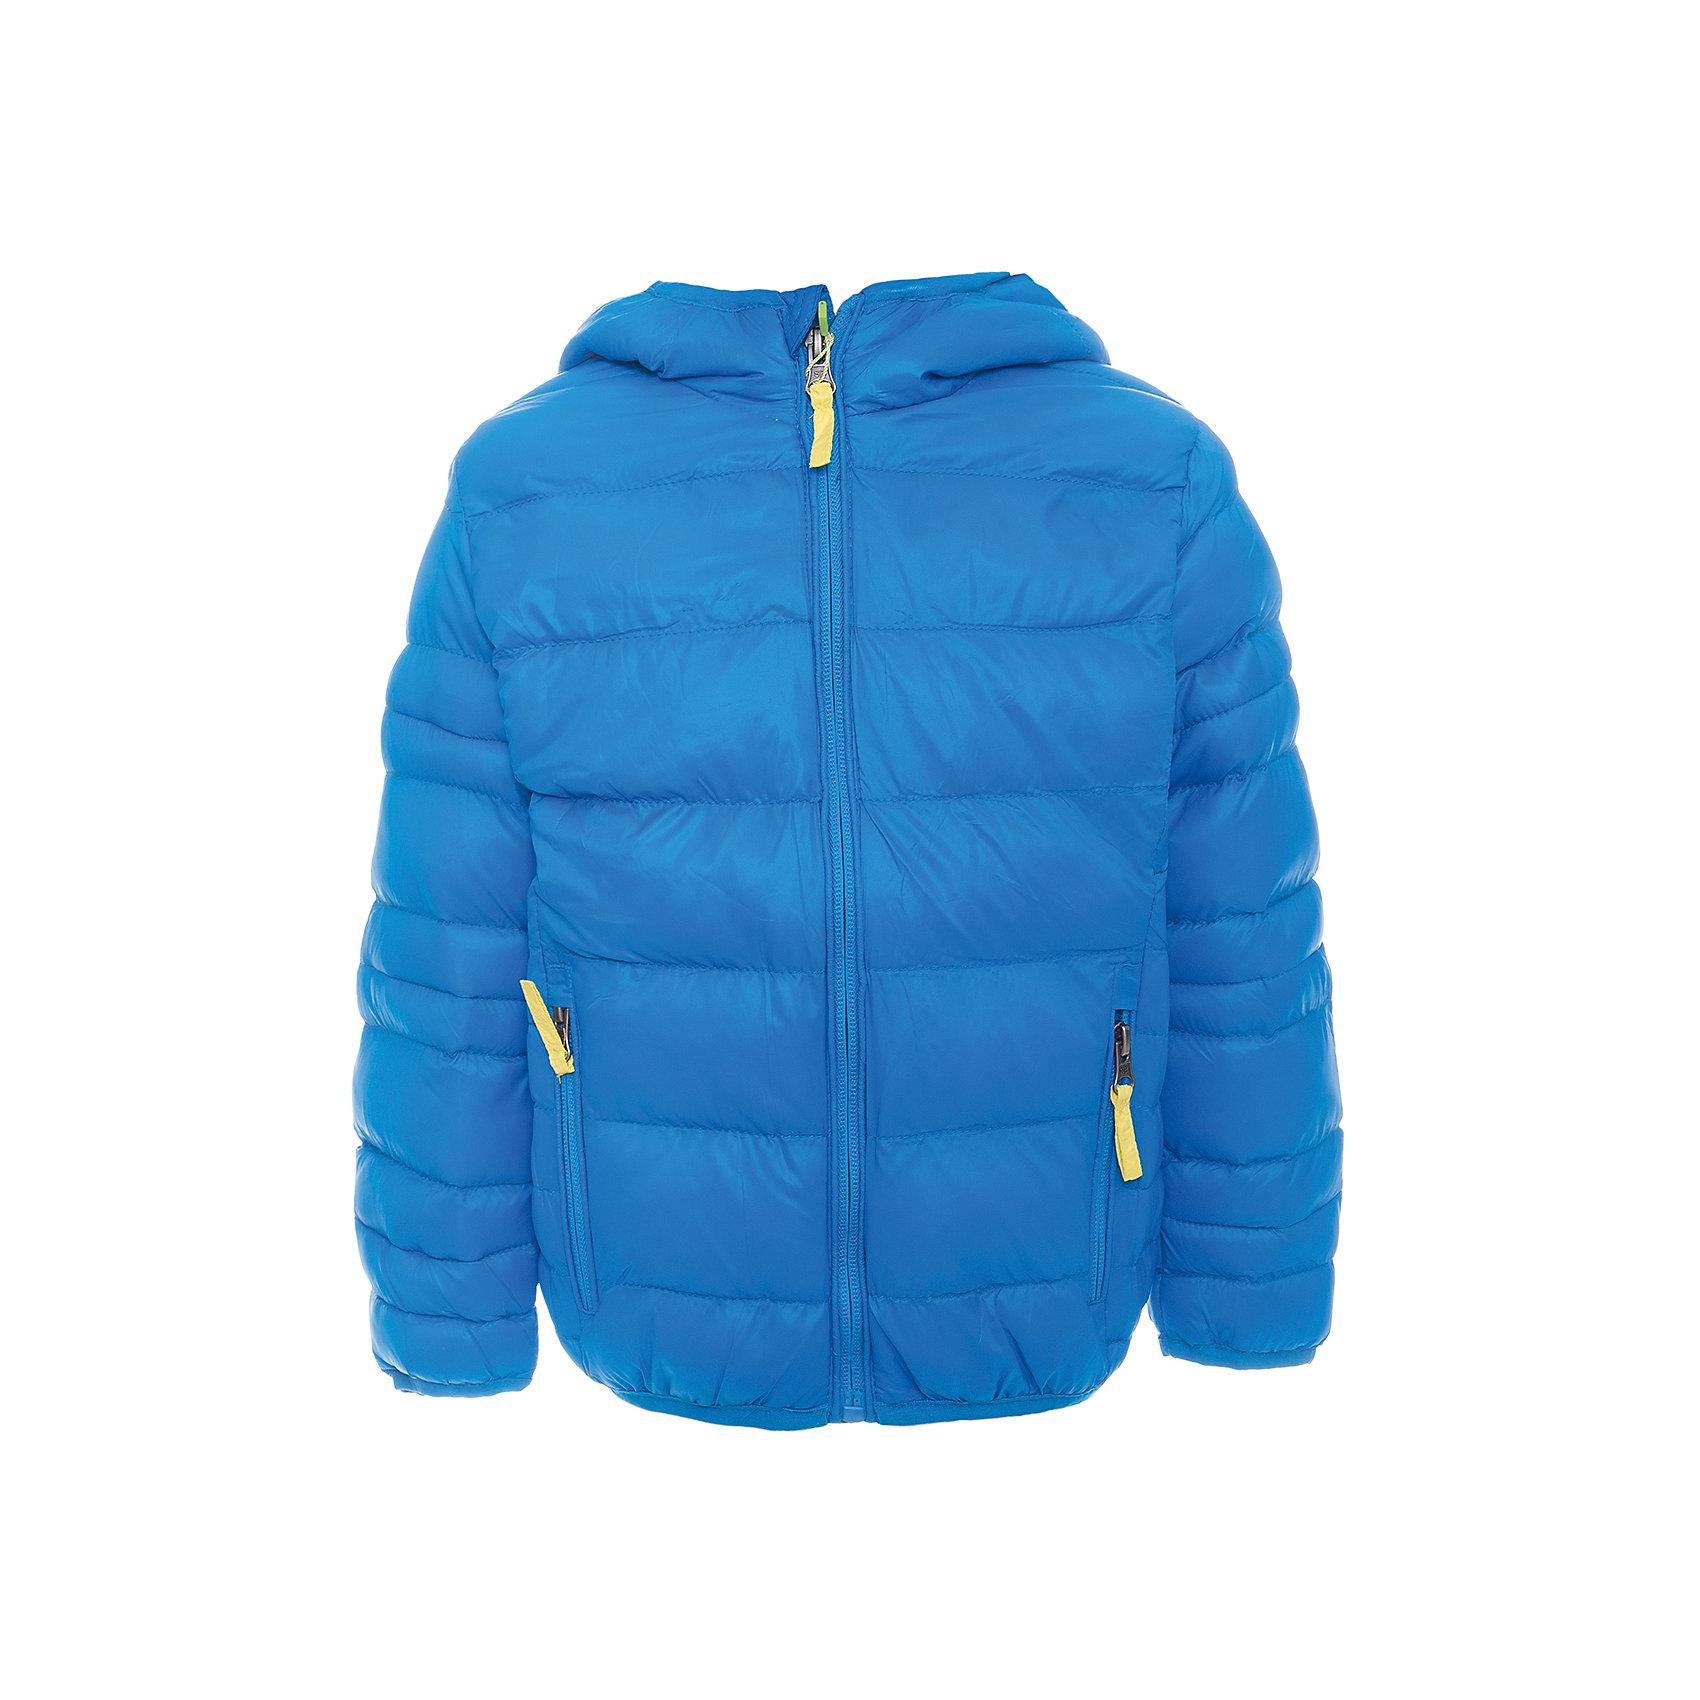 Куртка для мальчика Sweet BerryВерхняя одежда<br>Стеганая куртка для мальчика. Модель с контрастным, цельнокройным капюшоном дополнена двумя боковыми прорезными карманами на молнии. Края рукавов и край низа куртки оформлены окантовочной резинкой.<br>Состав:<br>Верх: 100%нейлон.  Подкладка: 100%полиэстер. Наполнитель: 100%полиэстер<br><br>Ширина мм: 356<br>Глубина мм: 10<br>Высота мм: 245<br>Вес г: 519<br>Цвет: синий<br>Возраст от месяцев: 60<br>Возраст до месяцев: 72<br>Пол: Мужской<br>Возраст: Детский<br>Размер: 116,122,128,104,98,110<br>SKU: 5412927